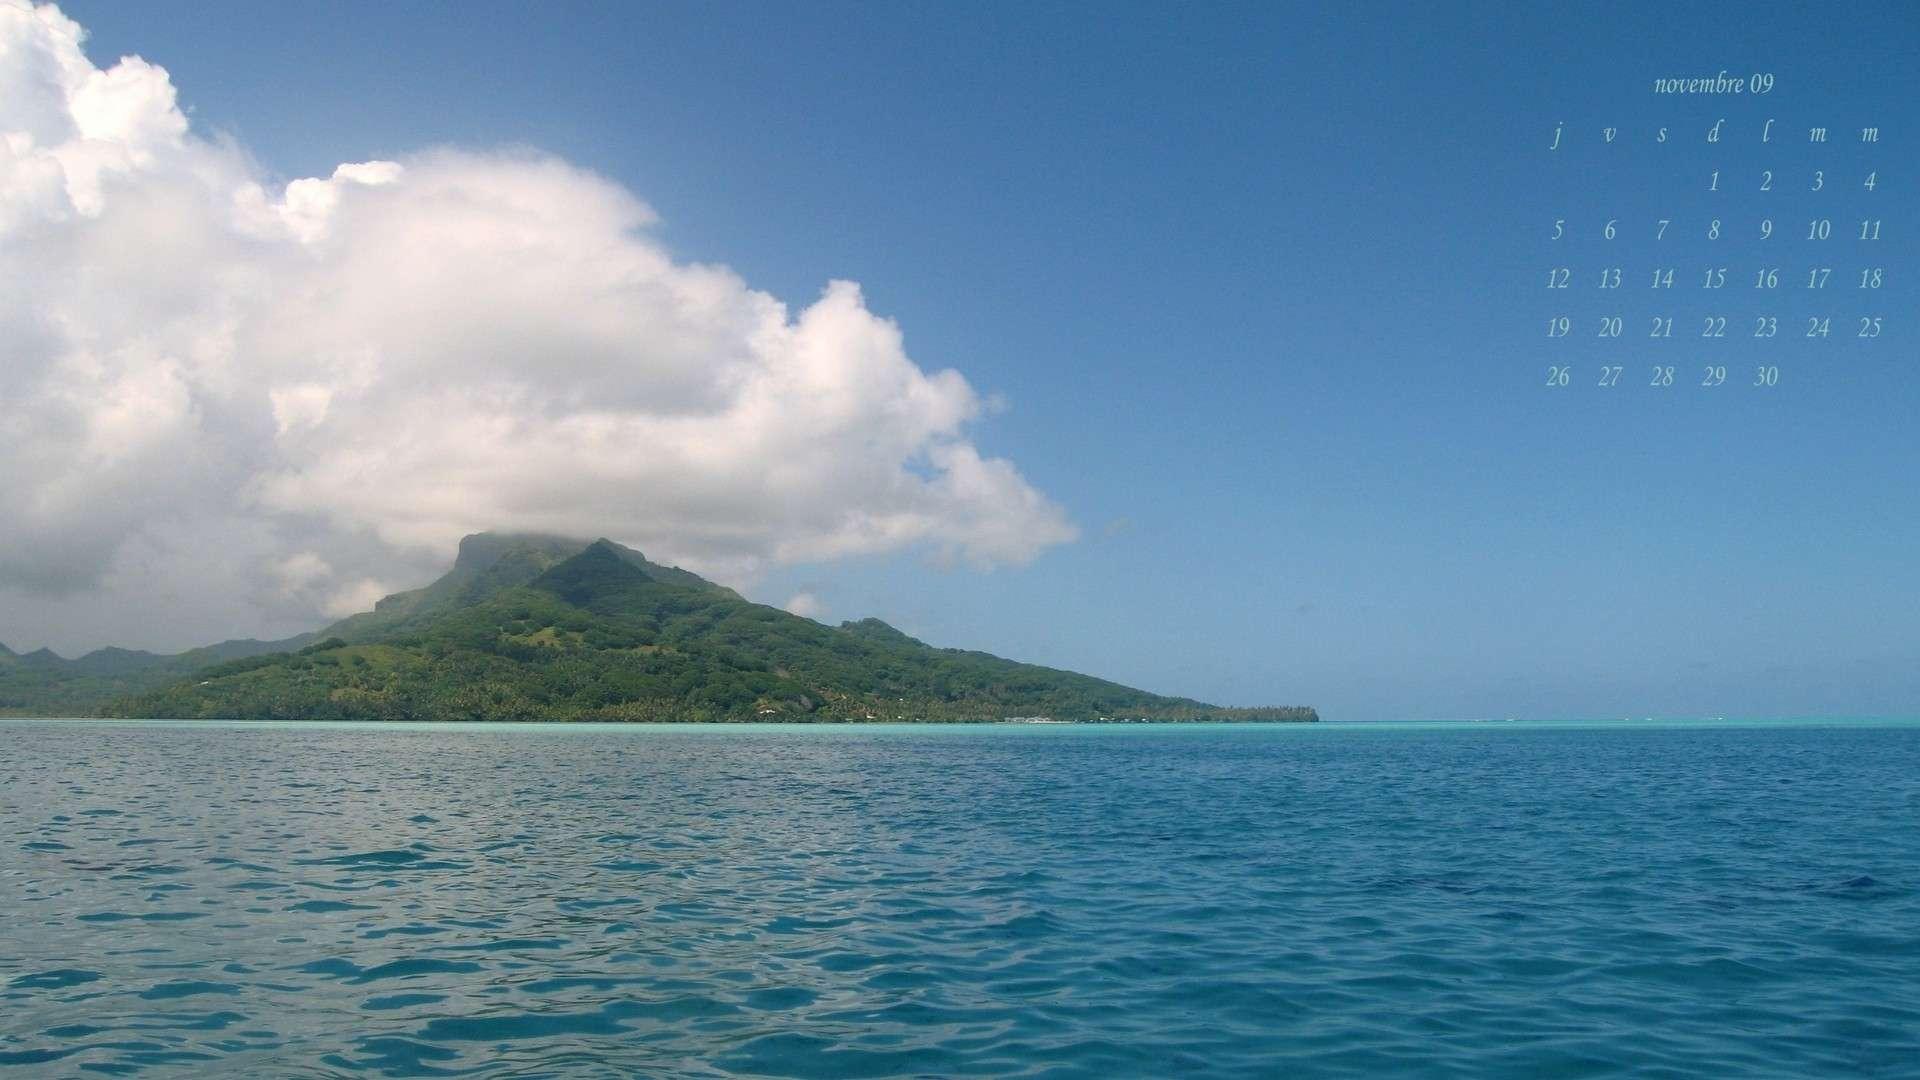 Fond d 39 cran novembre les corion tahiti for Fond ecran novembre